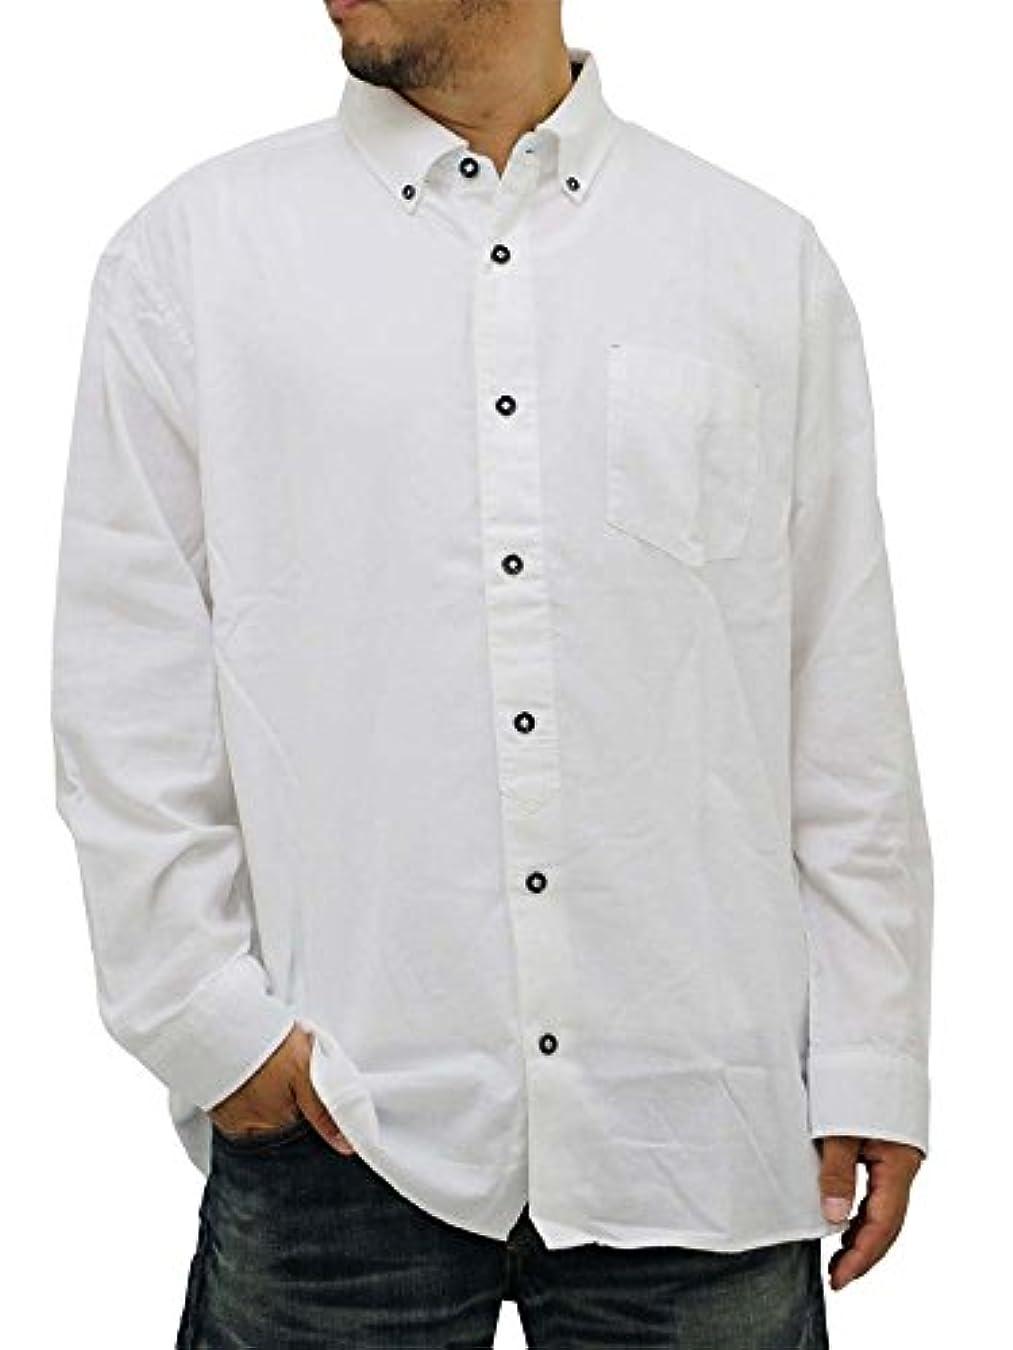 コーンウォール時々時々算術(ルイシャブロン) LOUIS CHAVLON 大きいサイズ シャツ メンズ ボタンダウン 無地 長袖 起毛 モノトーン 2color